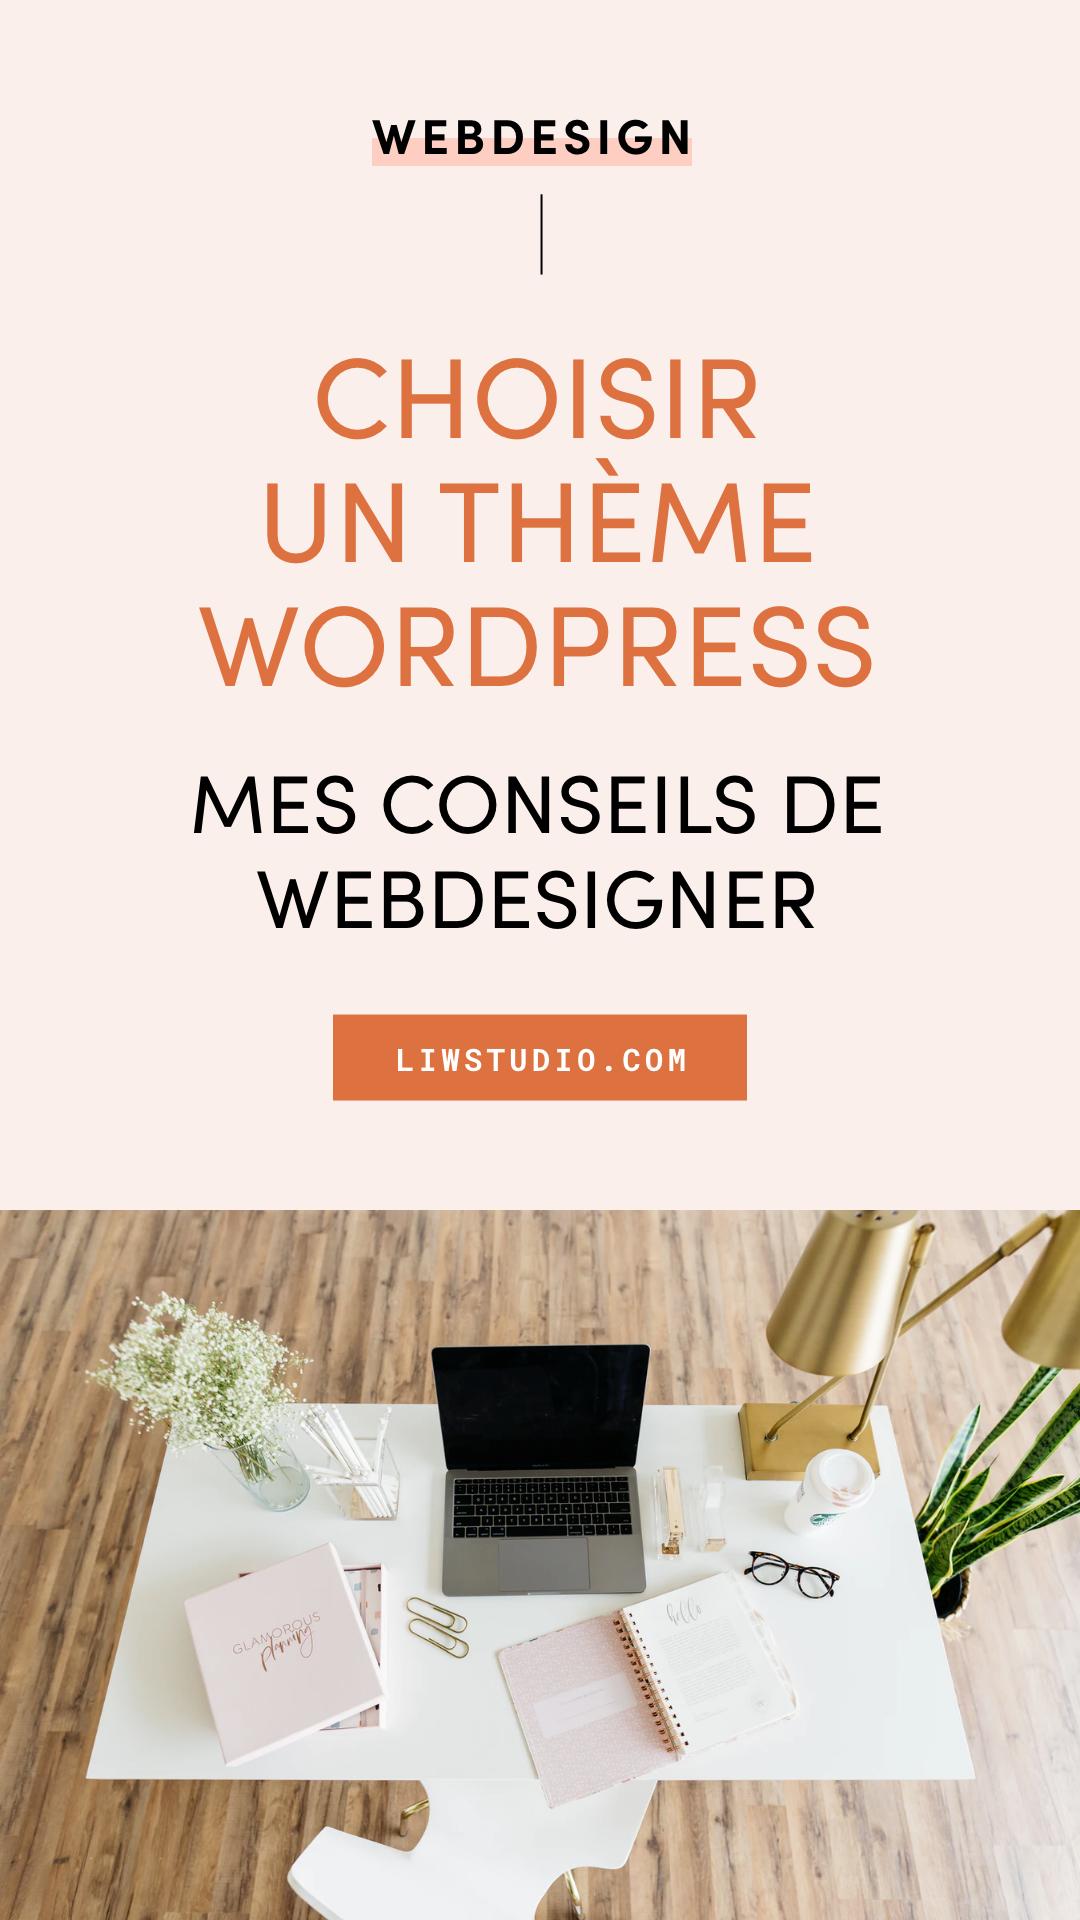 Choisir un thème WordPress : mes conseils de webdesigner - Liw studio - création de site internet